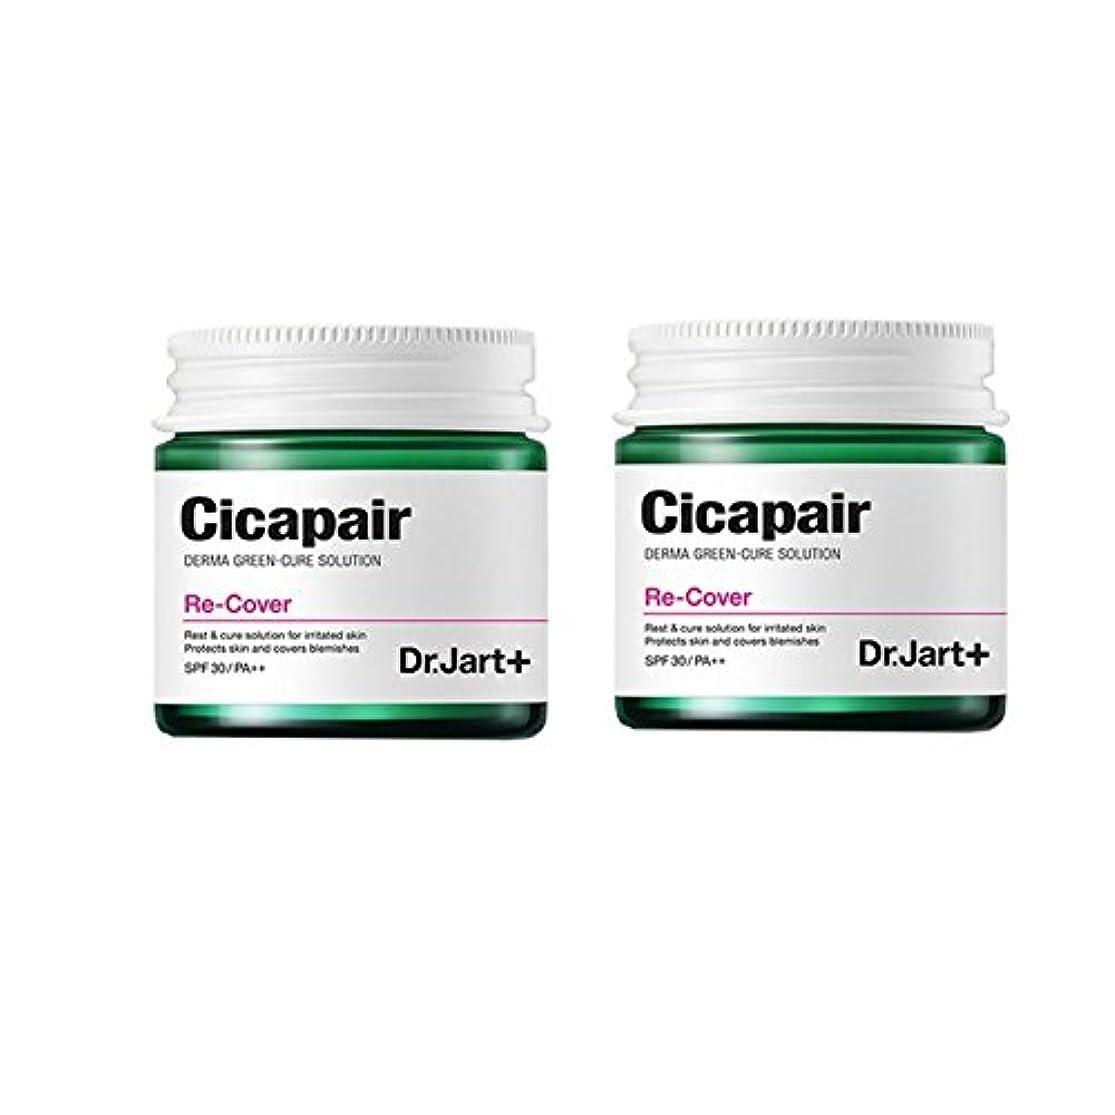 下線松ドキュメンタリードクタージャルトゥ(Dr.Jart+) シカフェアリコボ 50ml x 2本セット (SPF30/PA++)、Dr.Jart+ Cicapair Re-Cover (SPF30 / PA++) 50ml x 2ea Set [並行輸入品]